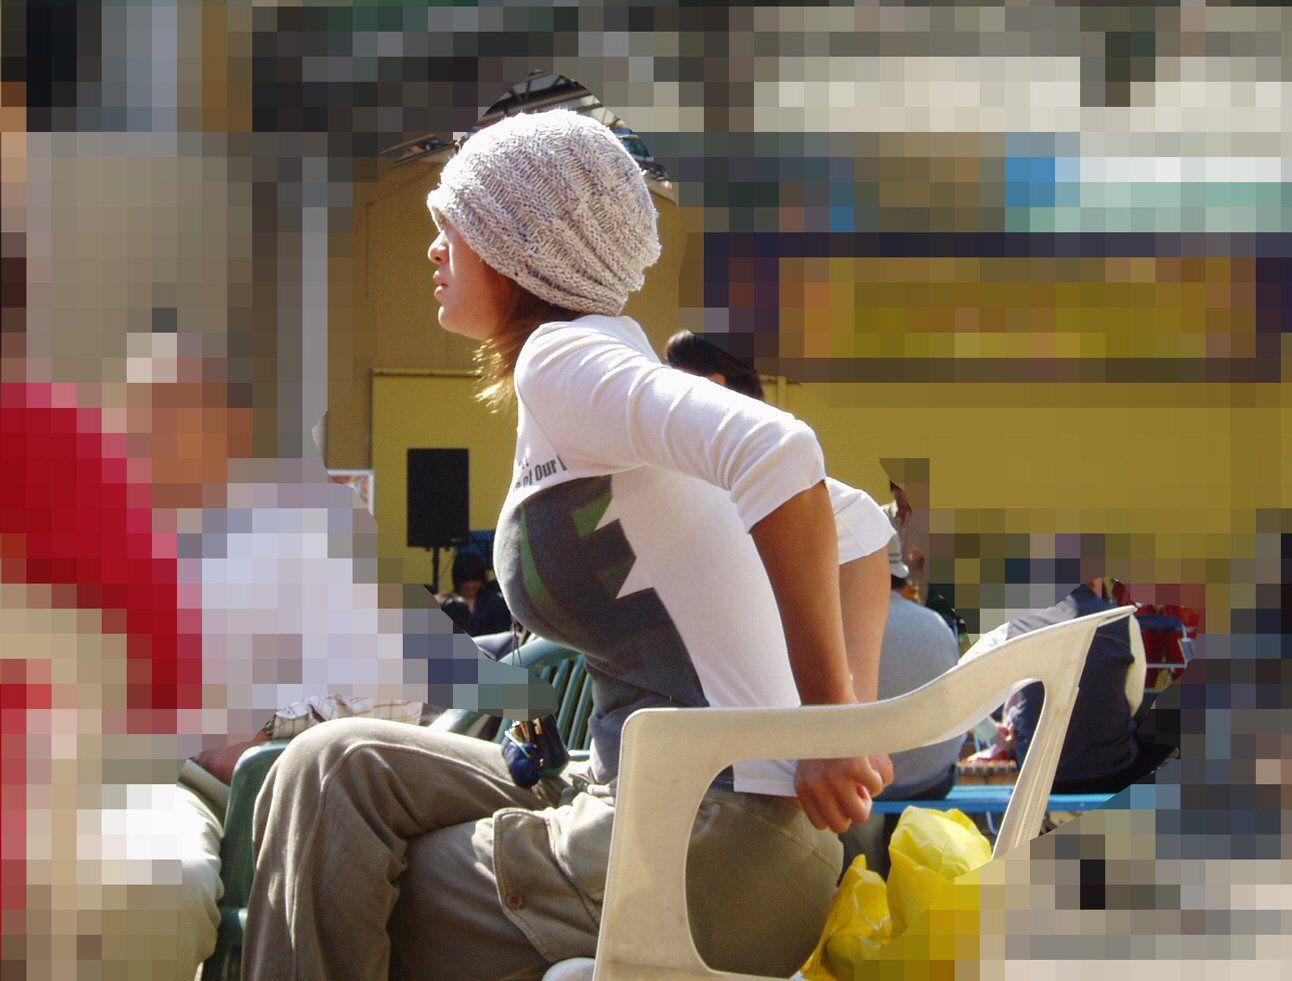 【巨乳エロ画像】全国平均Aとか嘘でしょw着衣巨乳だらけな街角観察www 28